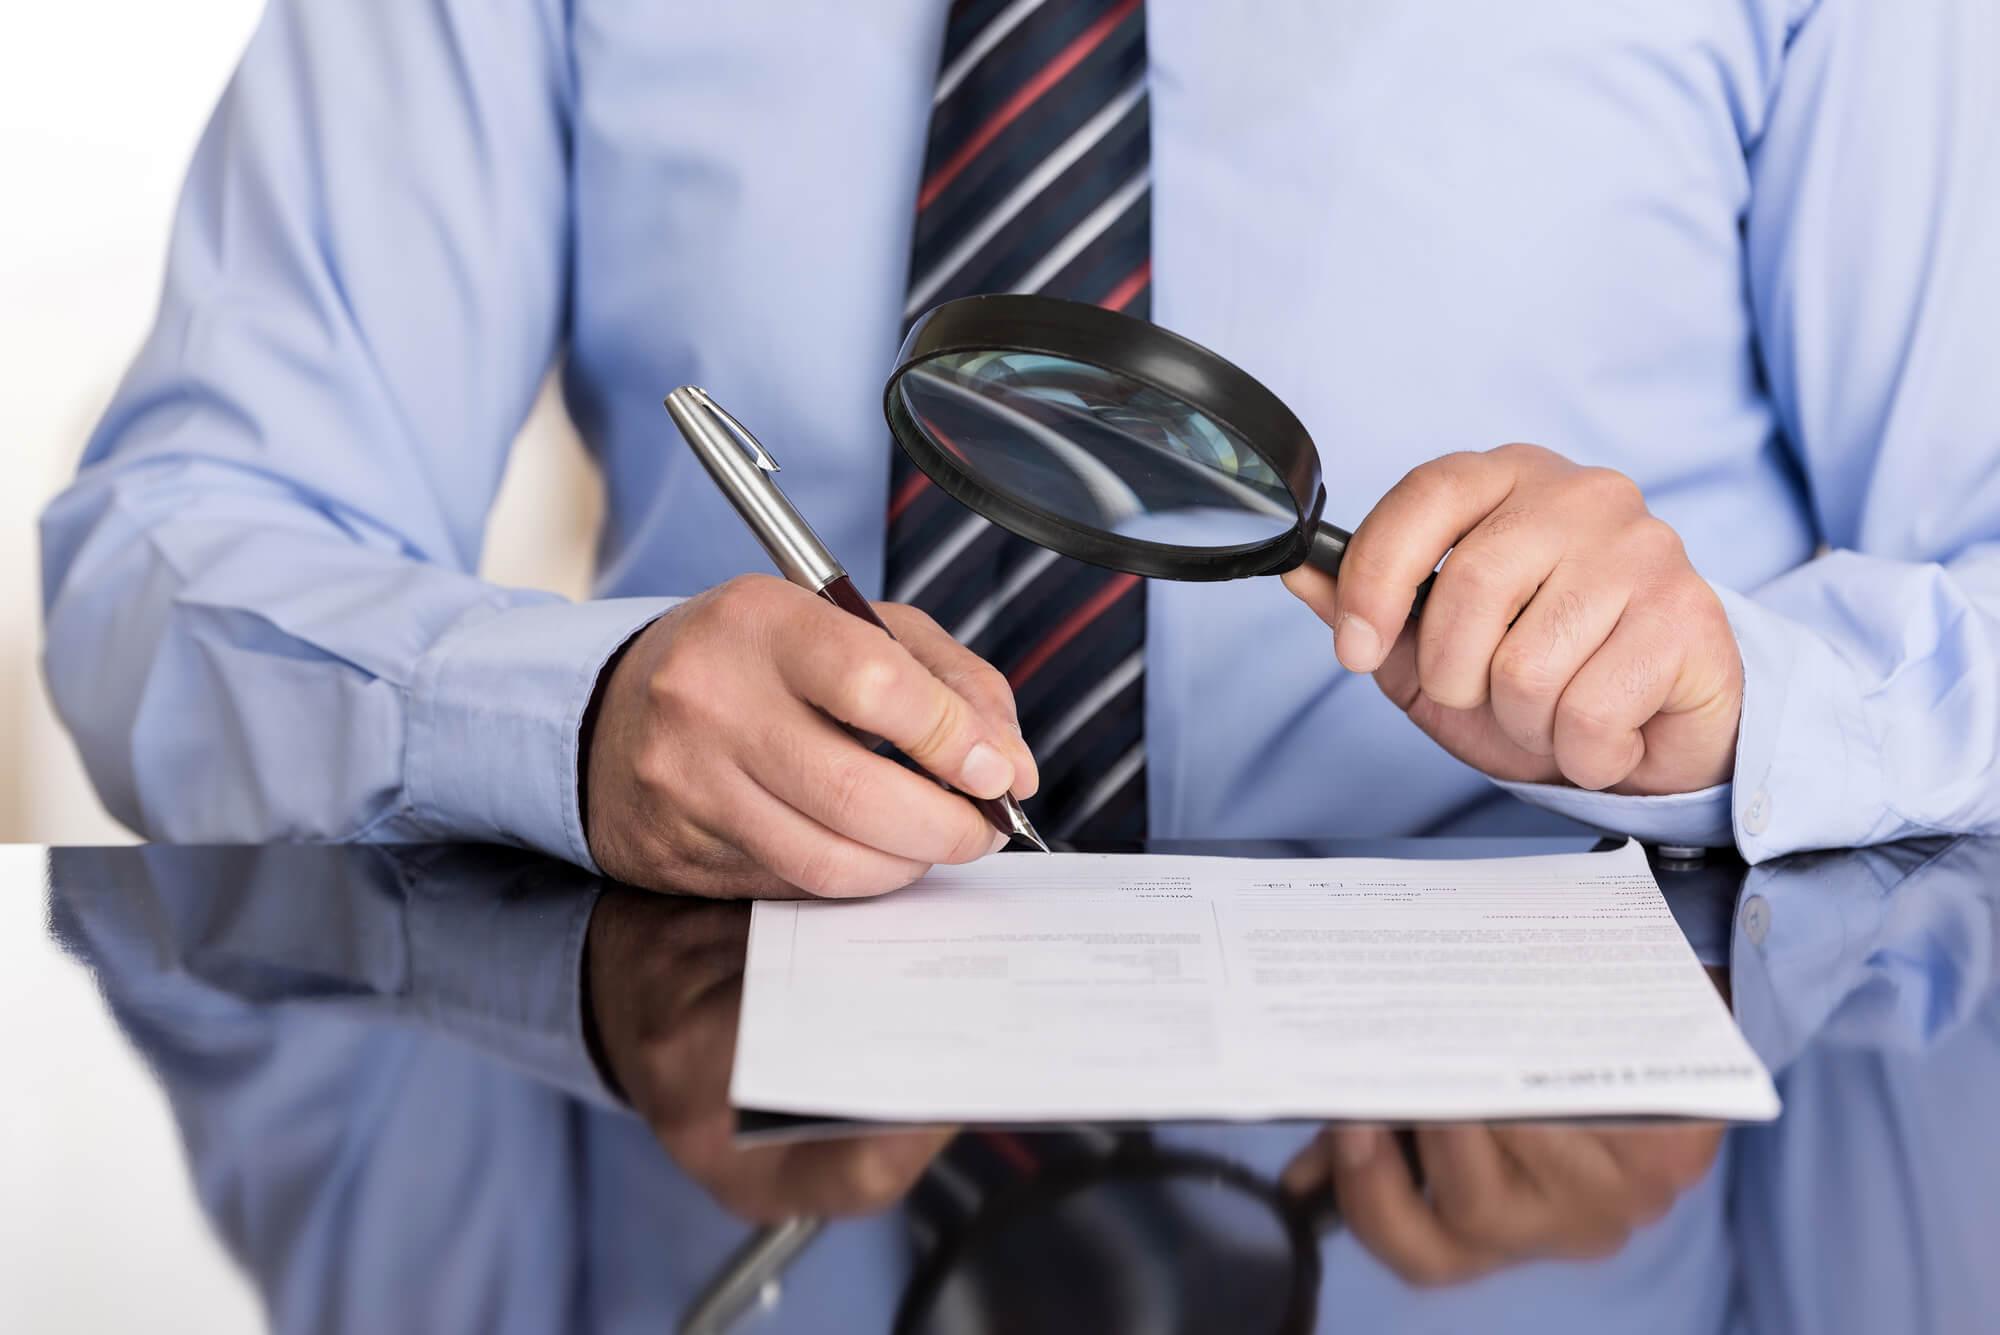 фальсификация медицинских документов ук рф